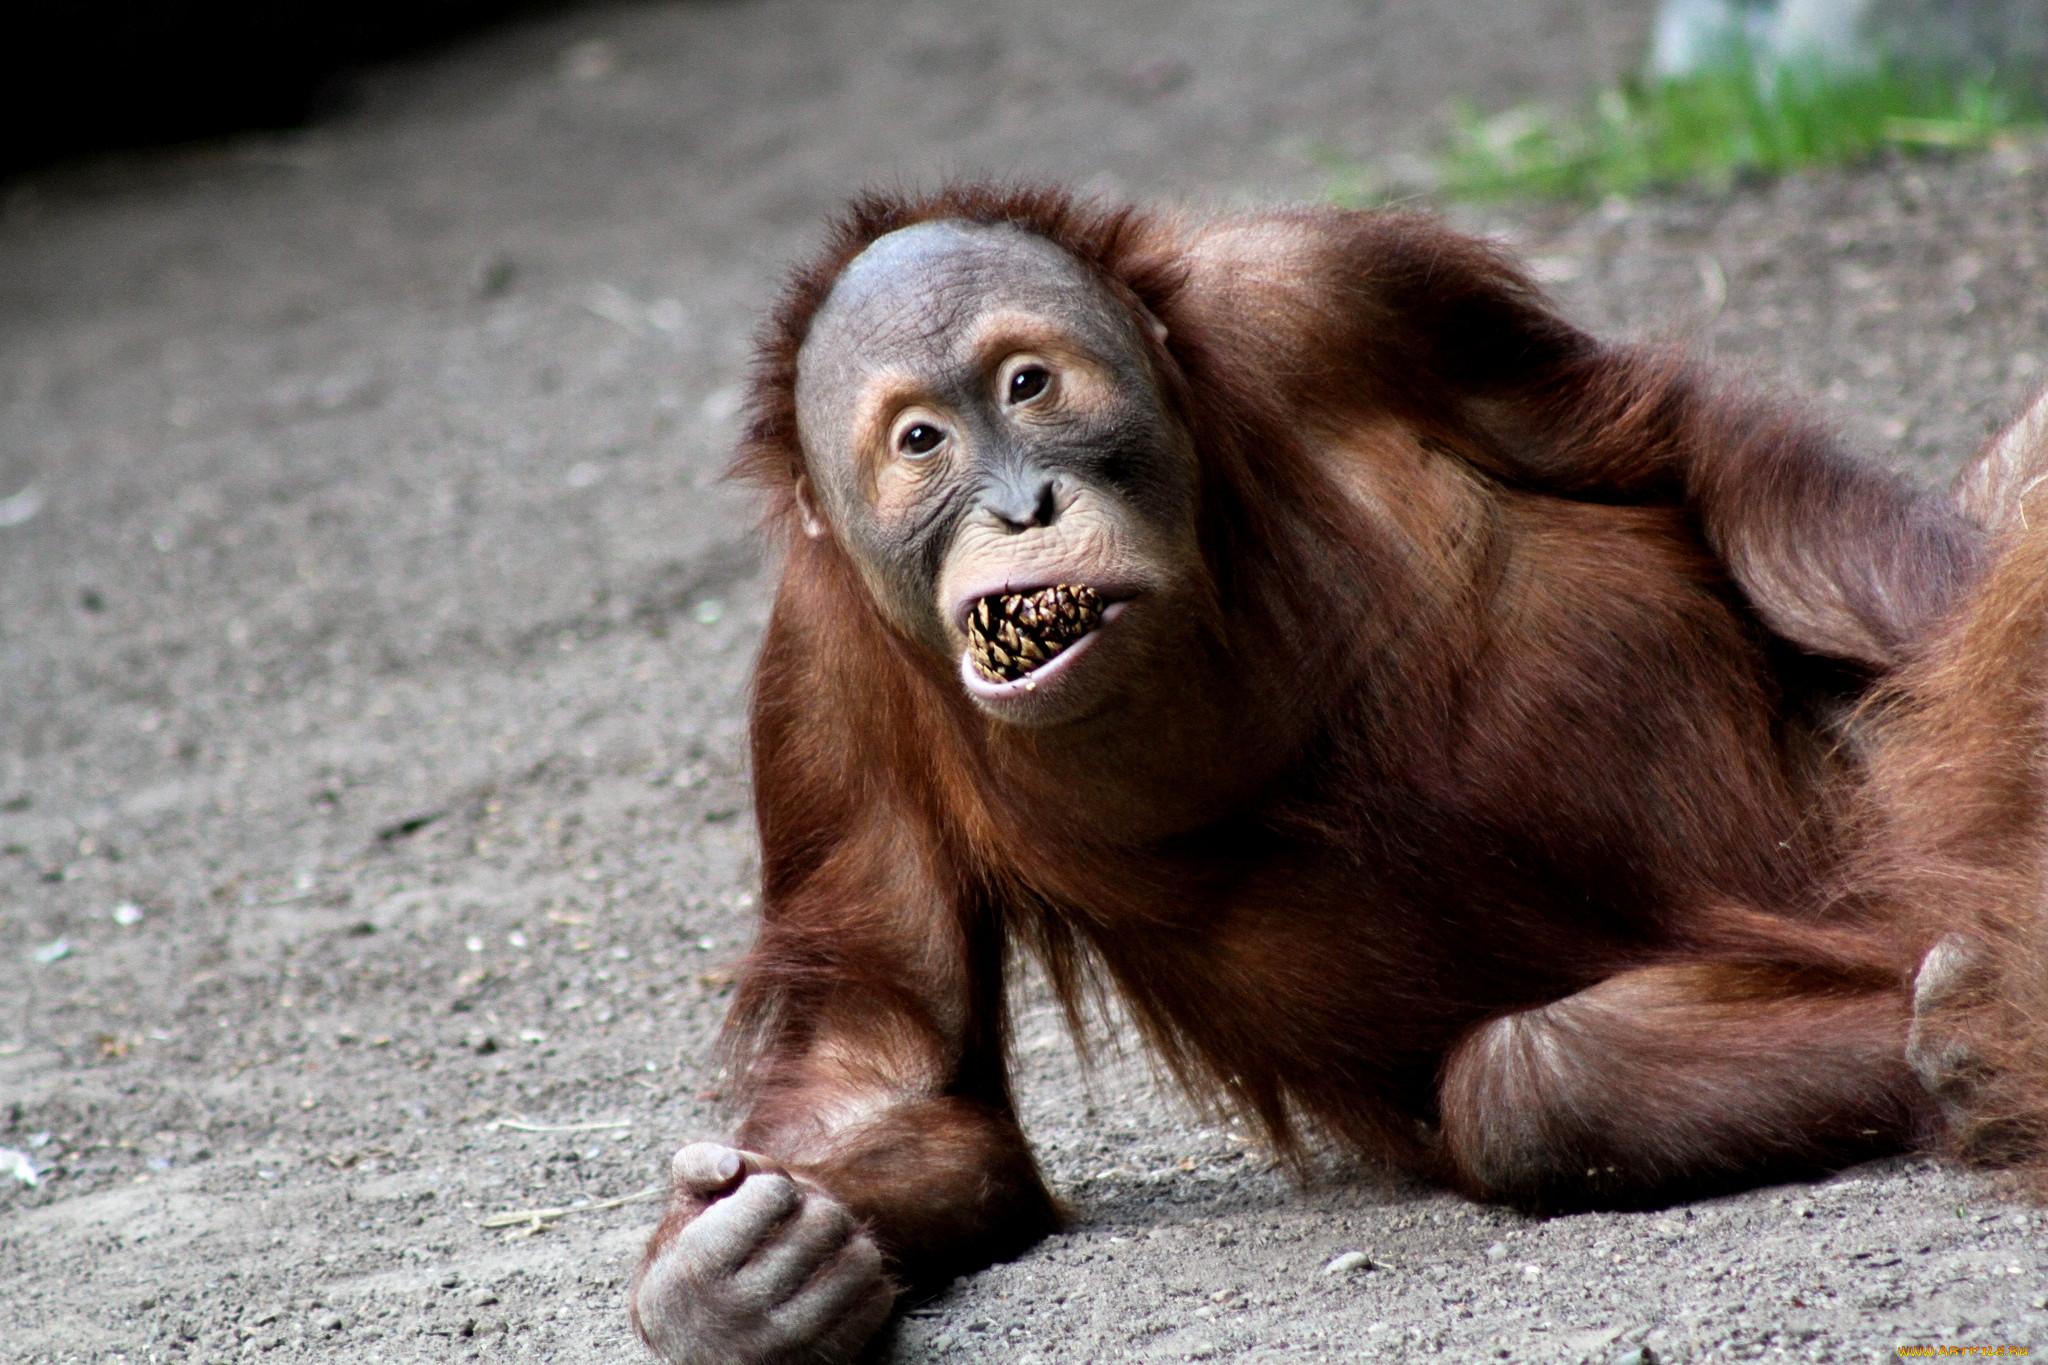 Улыбающаяся обезьянка картинки что, как